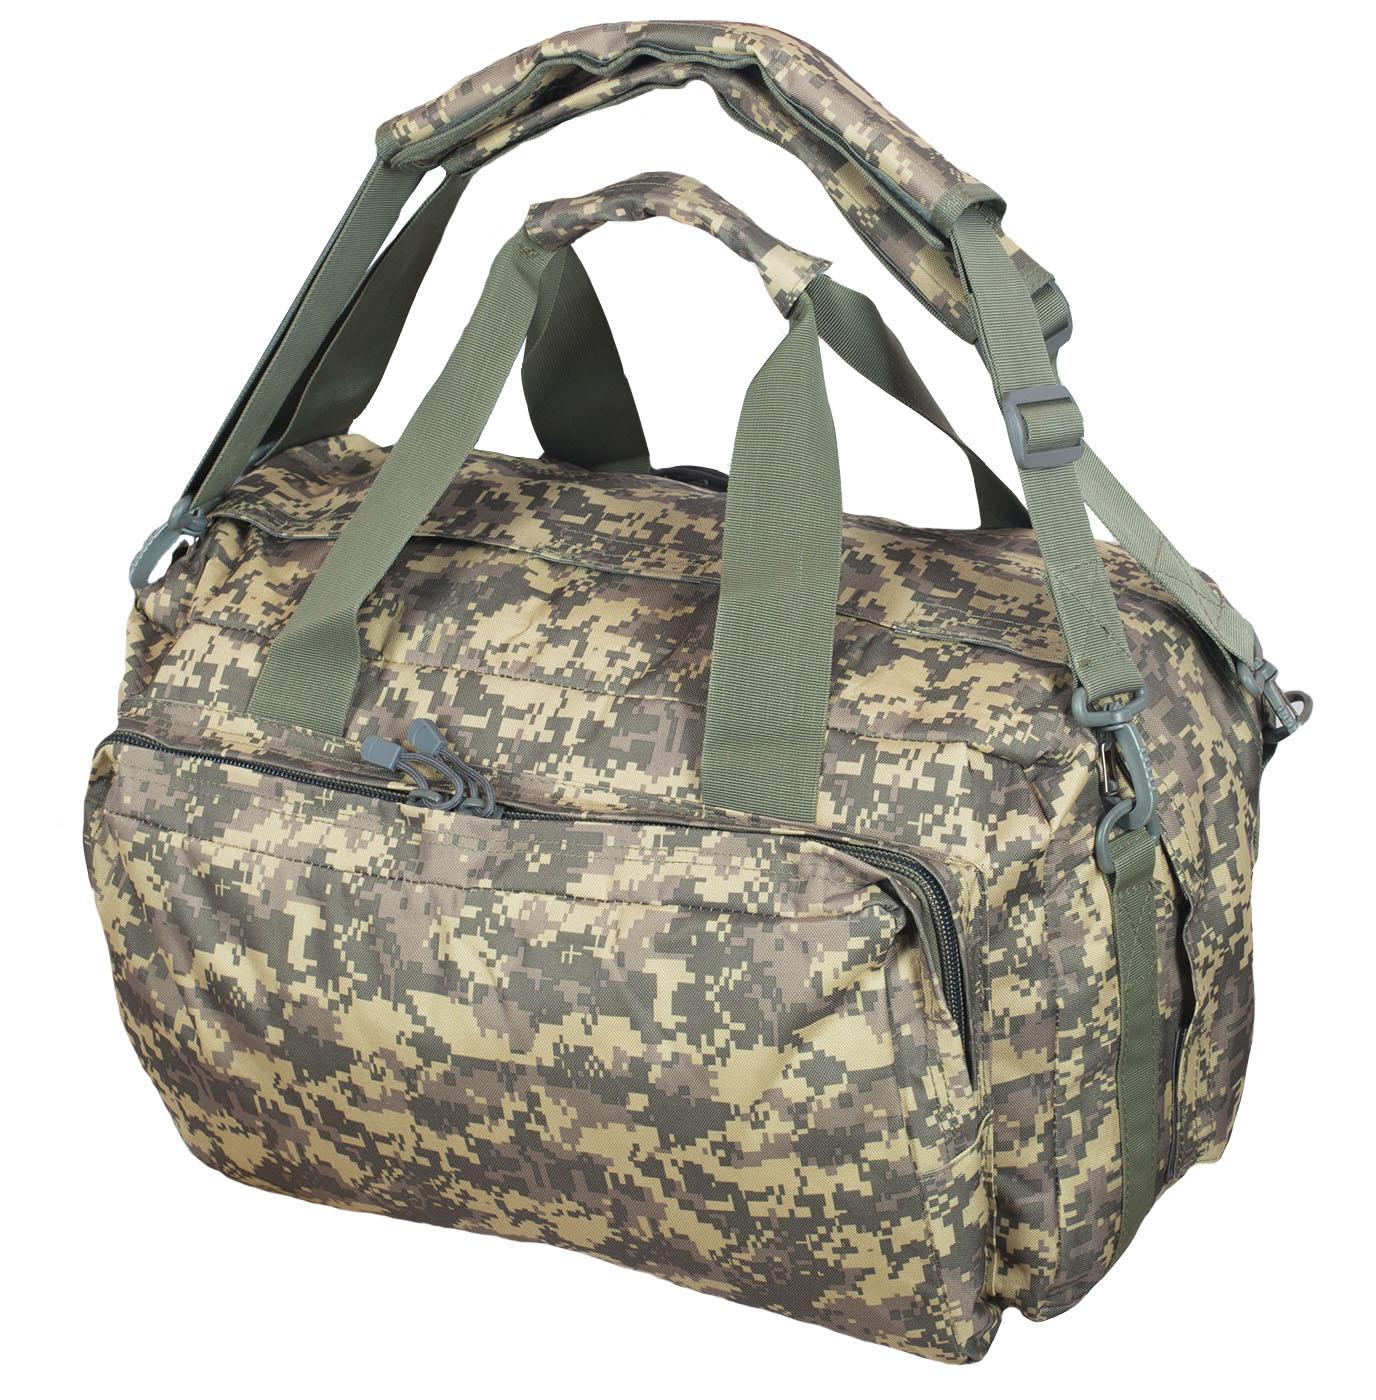 Дорожная камуфляжная сумка-рюкзак с эмблемой Охотничьих войск купить с доставкой